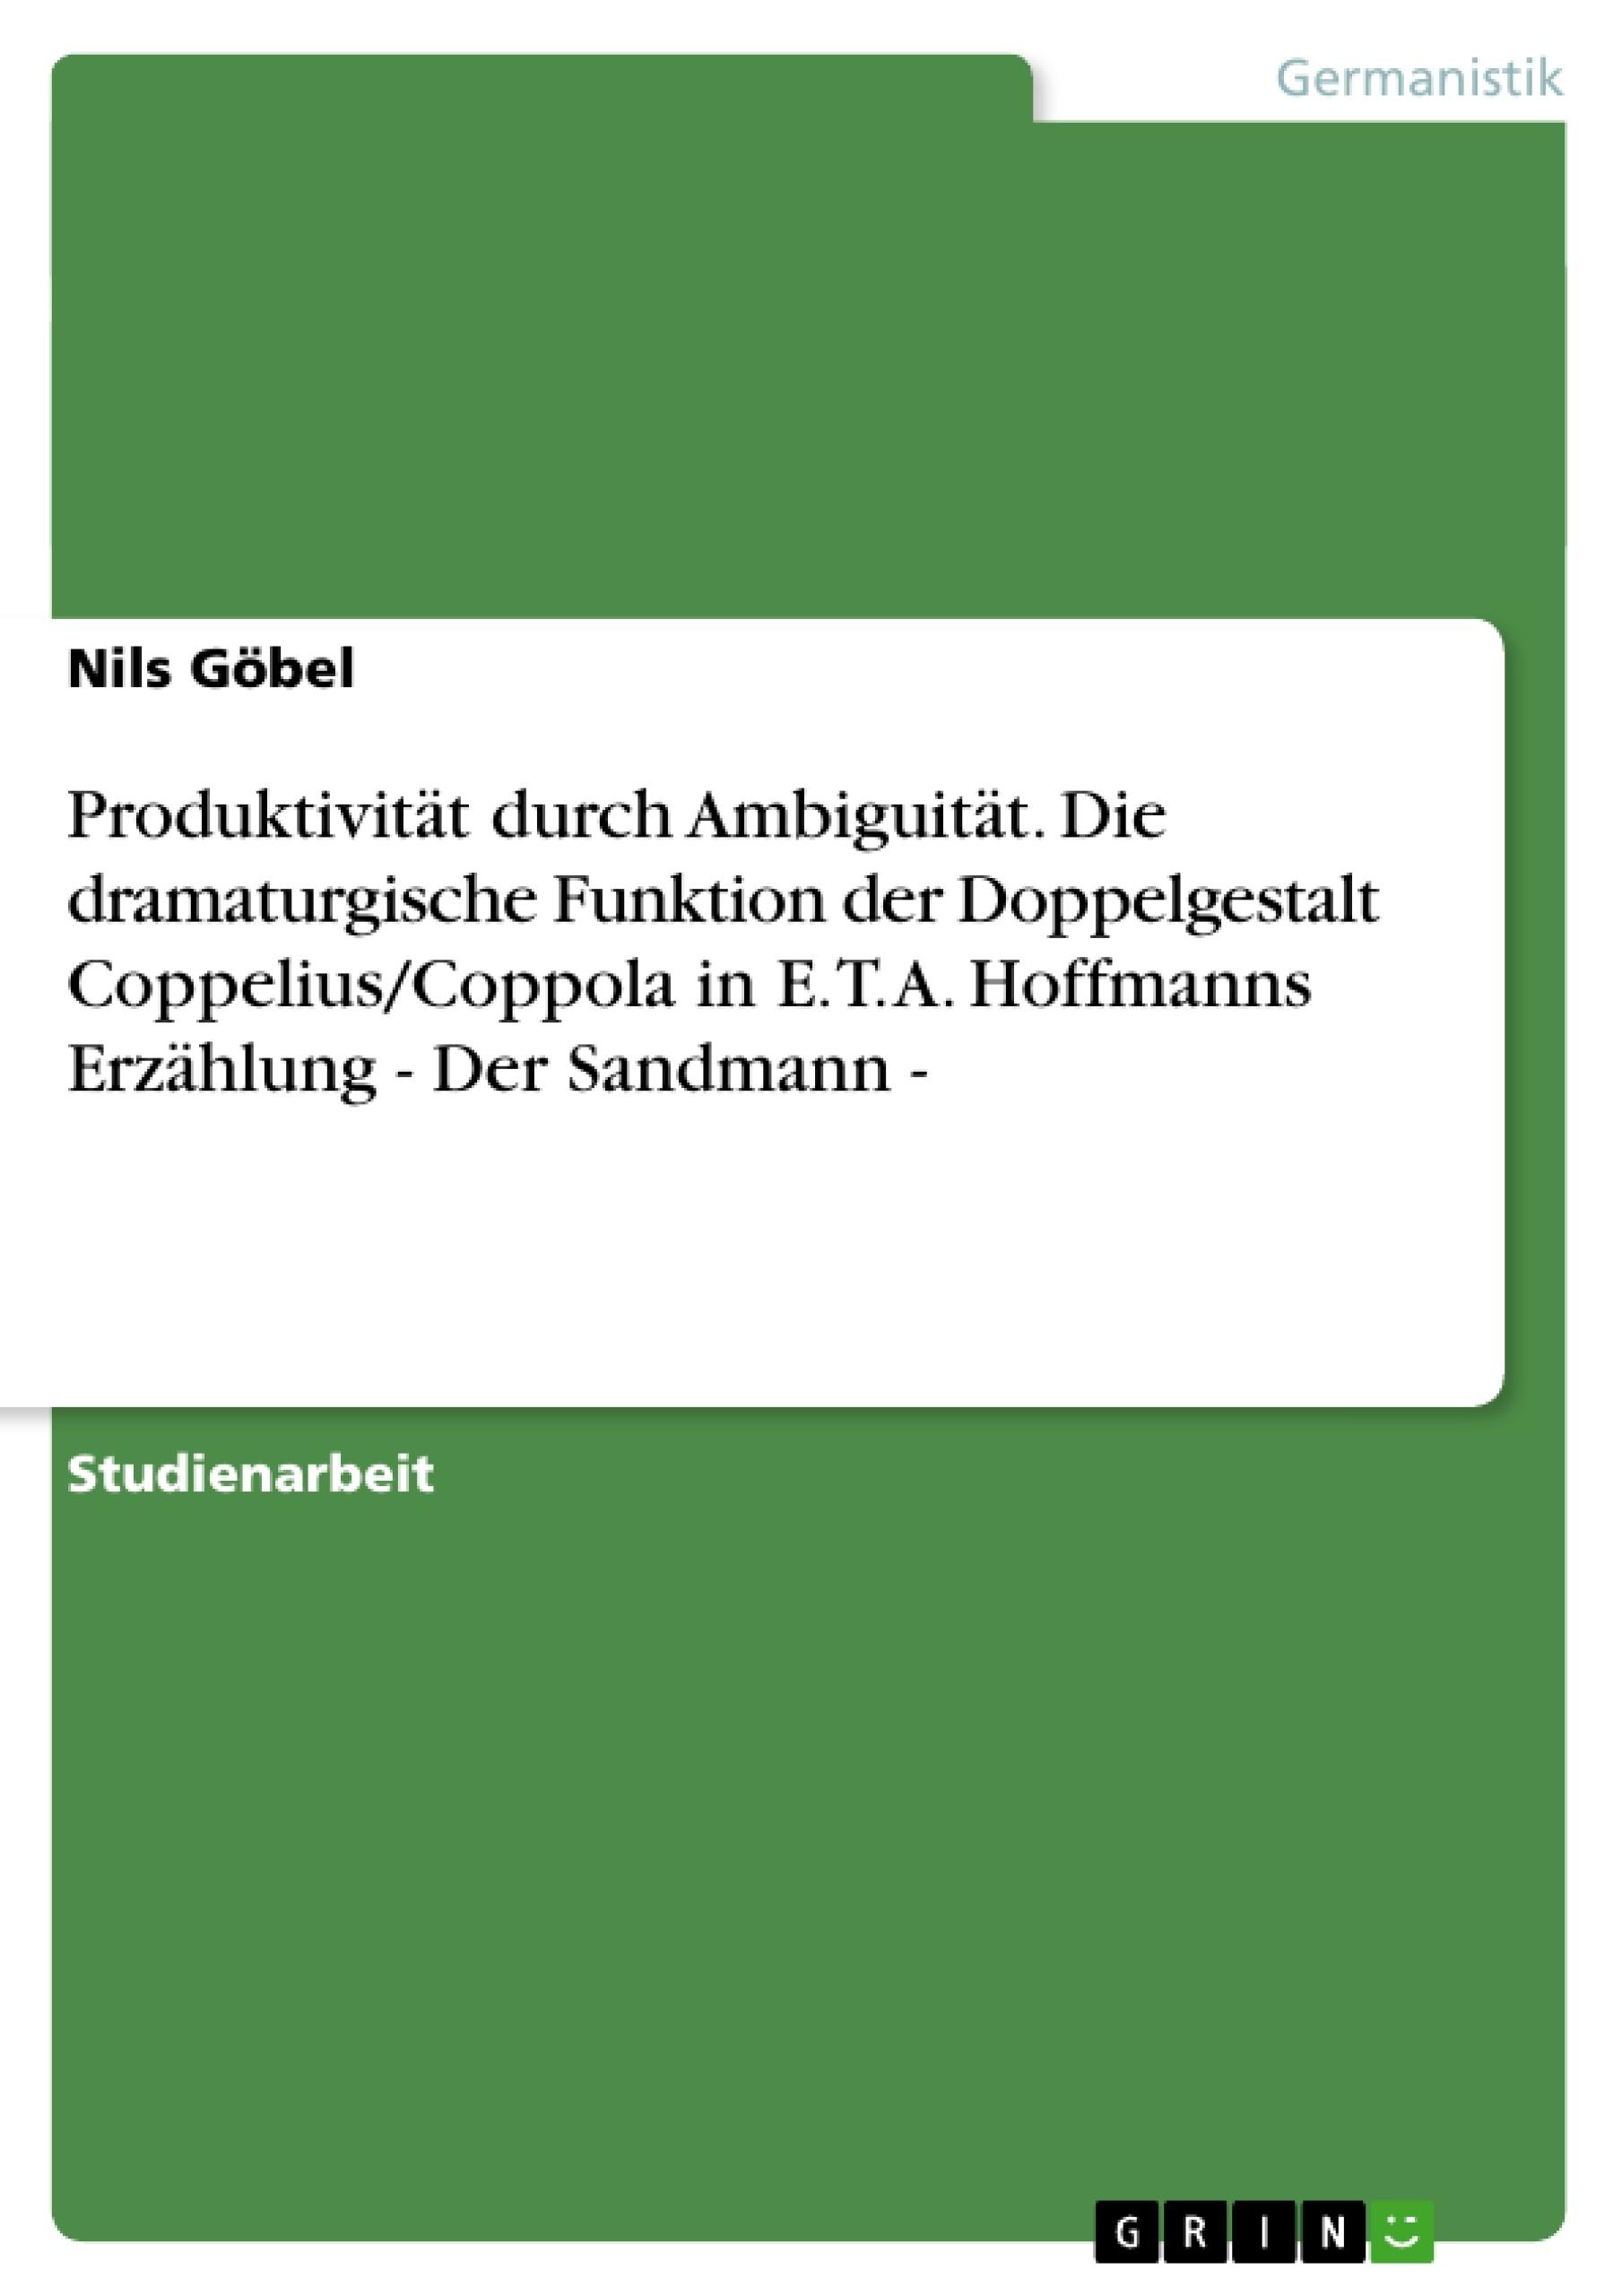 Titel: Produktivität durch Ambiguität. Die dramaturgische Funktion der Doppelgestalt Coppelius/Coppola in E. T. A. Hoffmanns Erzählung - Der Sandmann -